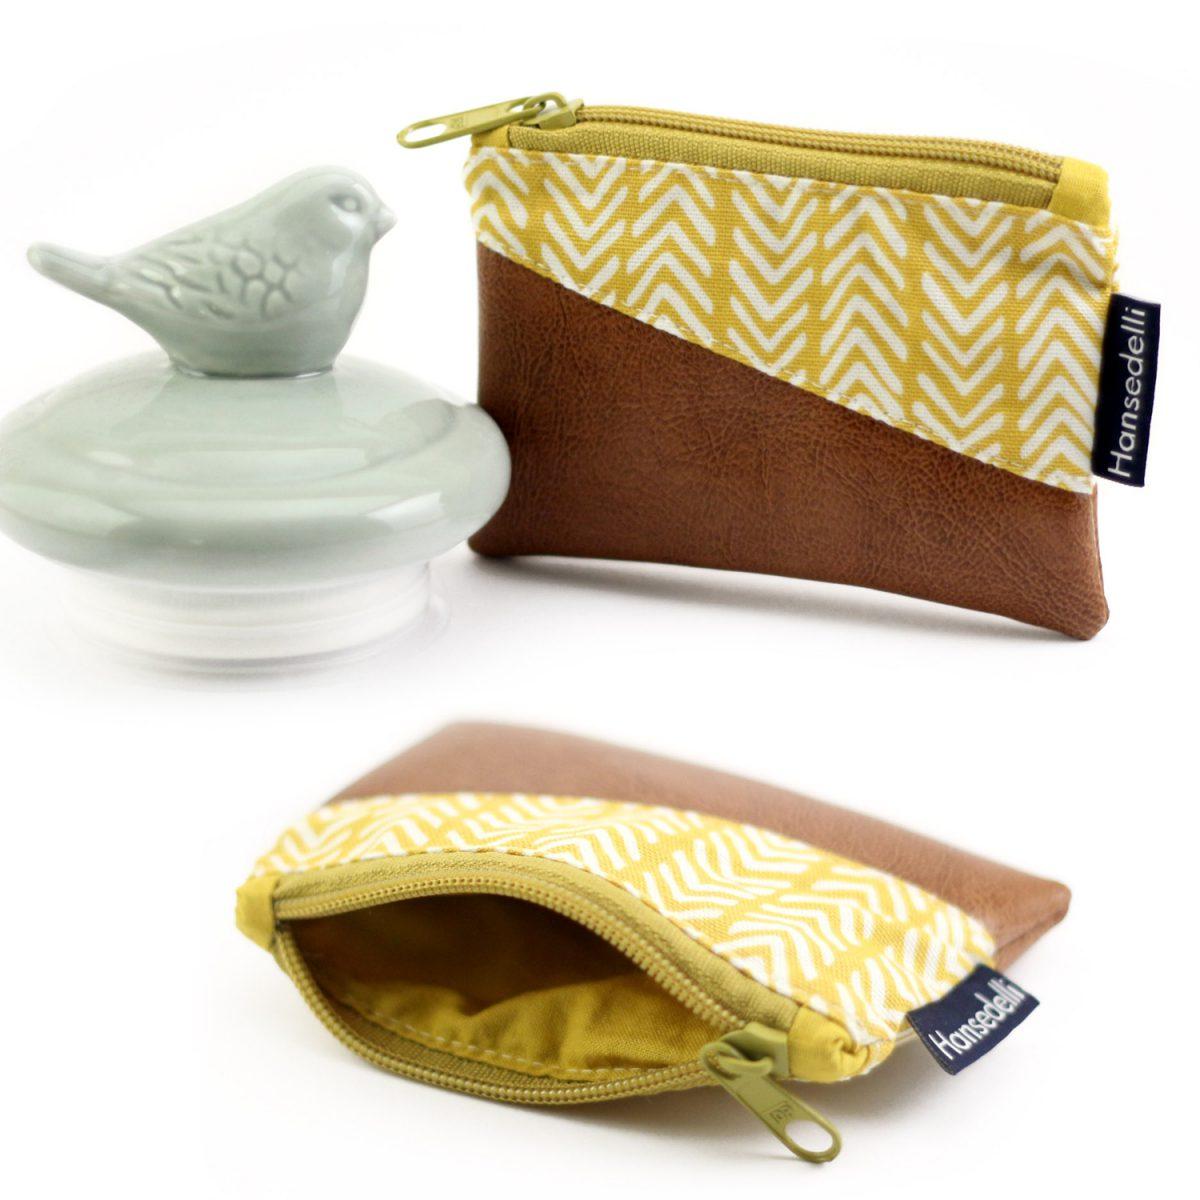 Freebook Minigeldbeutel Hansedelli gelb braun Retro Schlüsseltasche kleines Täschchen kostenloses Schnittmuster Geldbeutel nähen